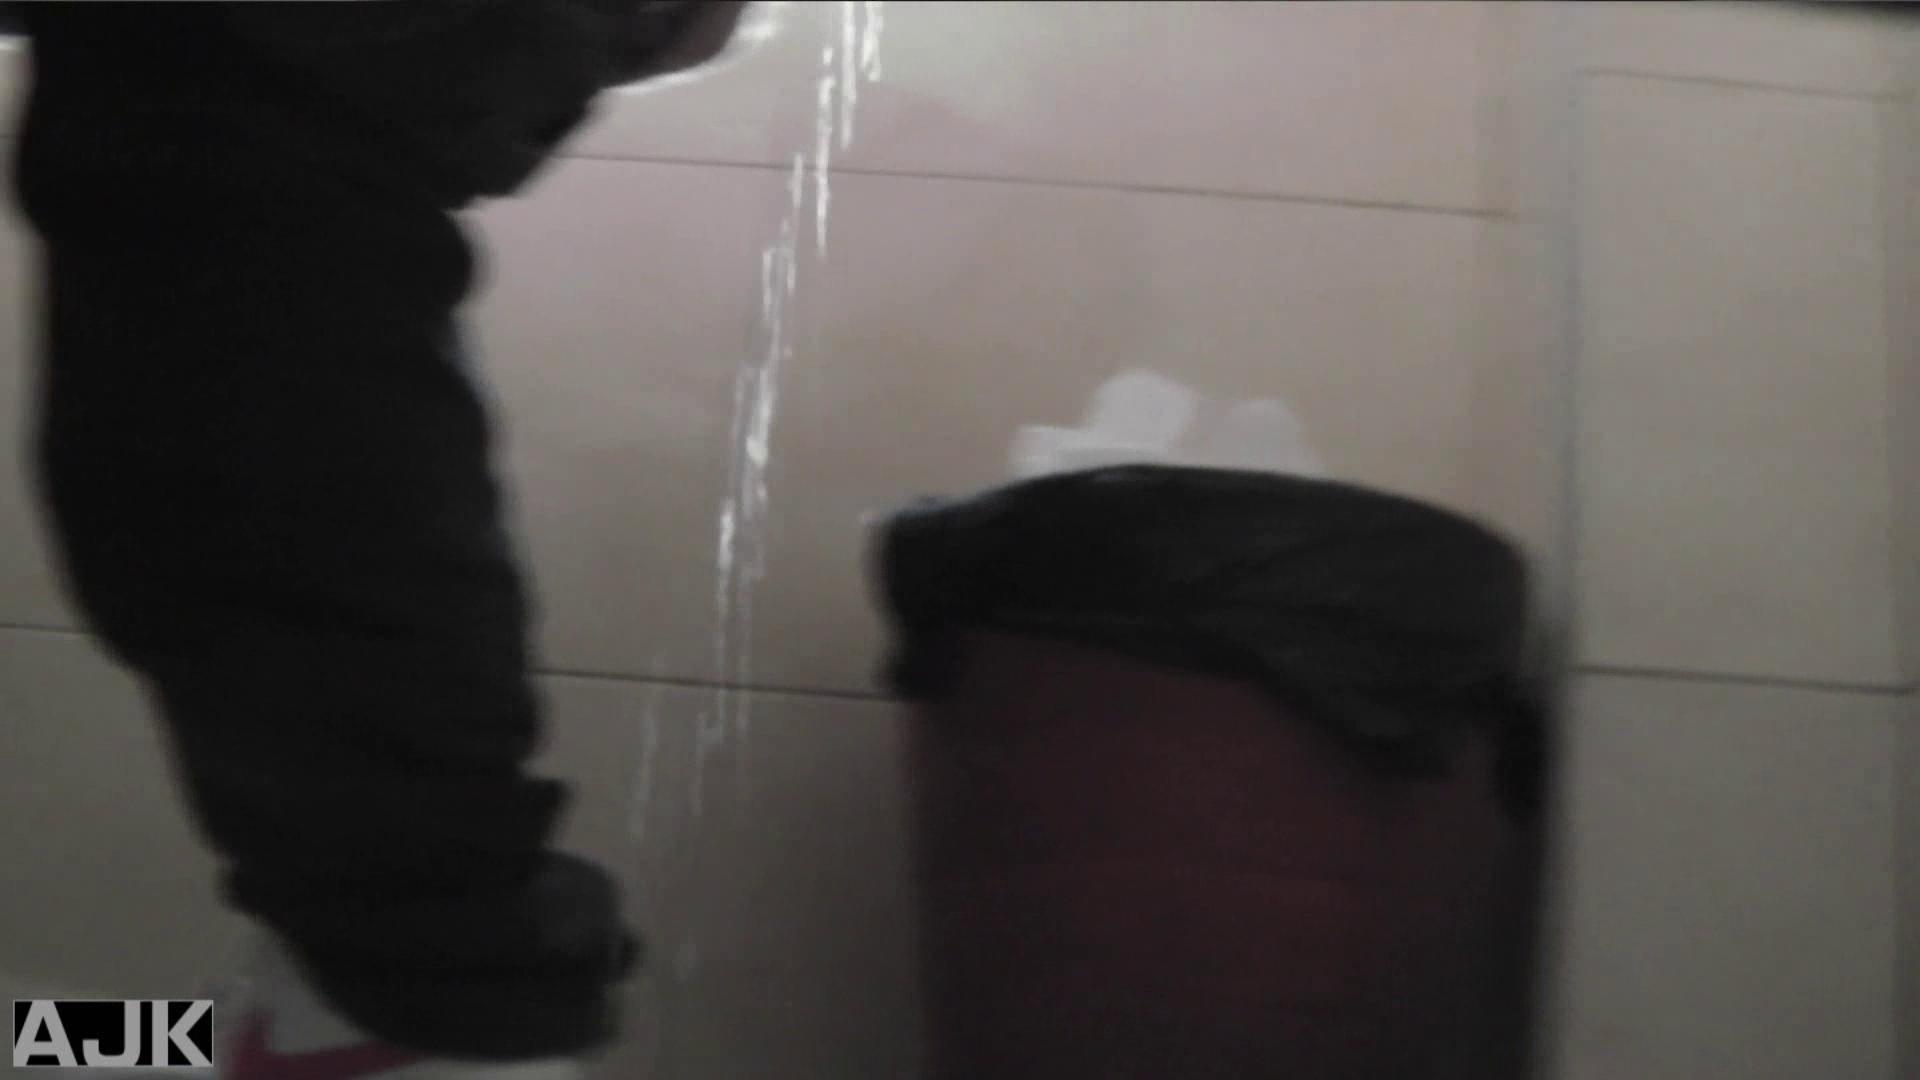 隣国上階級エリアの令嬢たちが集うデパートお手洗い Vol.09 お手洗い  32連発 4